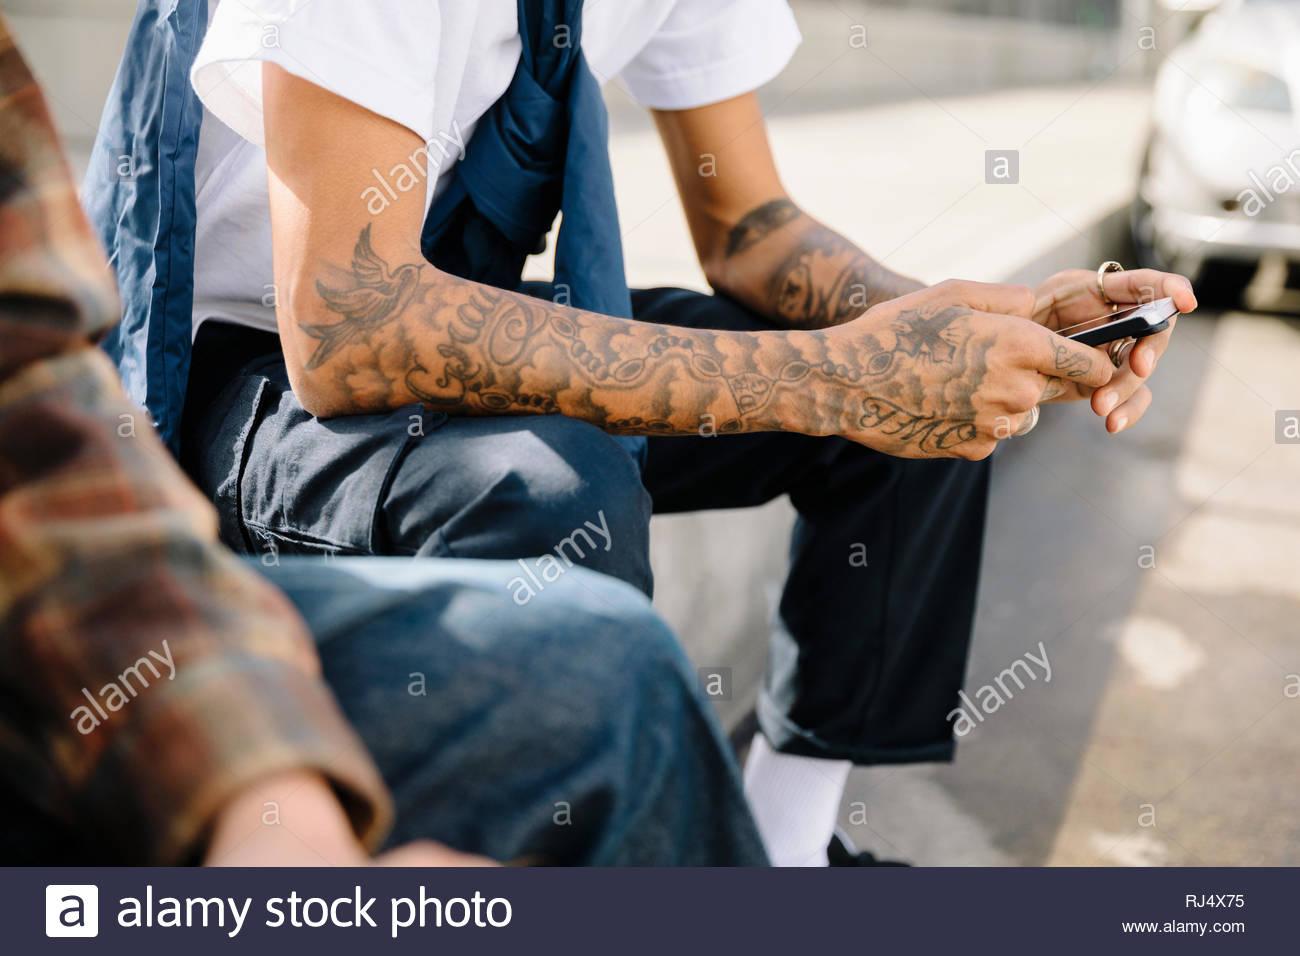 Latinx joven con tatuajes en los brazos texto con teléfonos inteligentes. Imagen De Stock